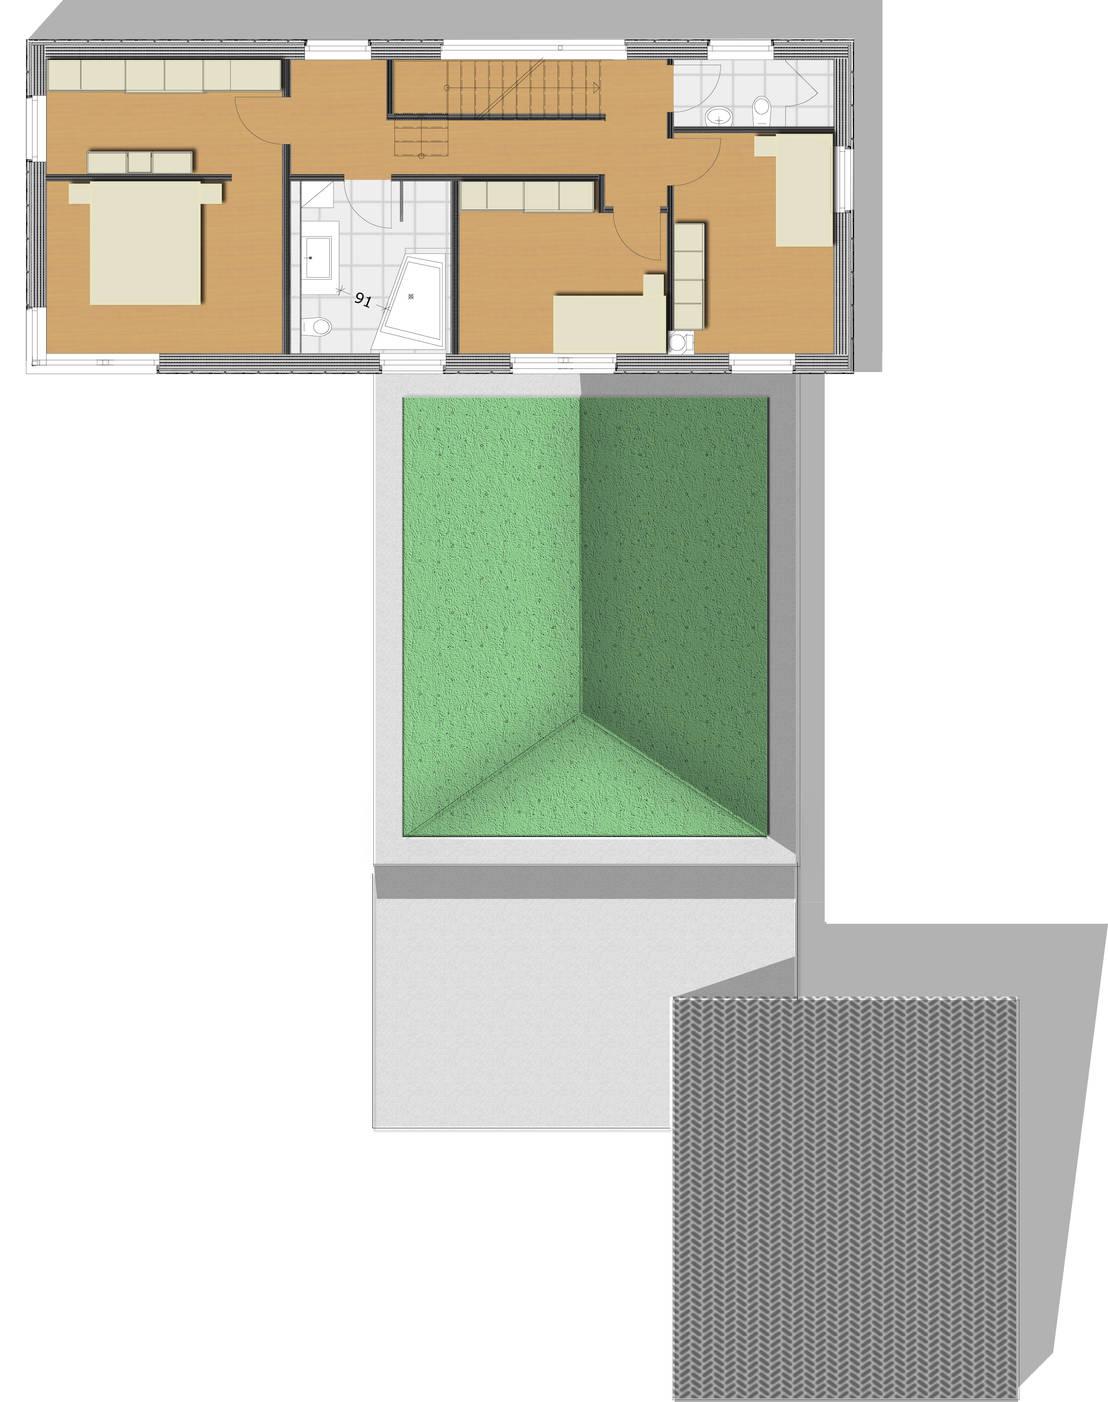 einfamilienhaus in landshut von apb armin pohle bauelemente gmbh homify. Black Bedroom Furniture Sets. Home Design Ideas